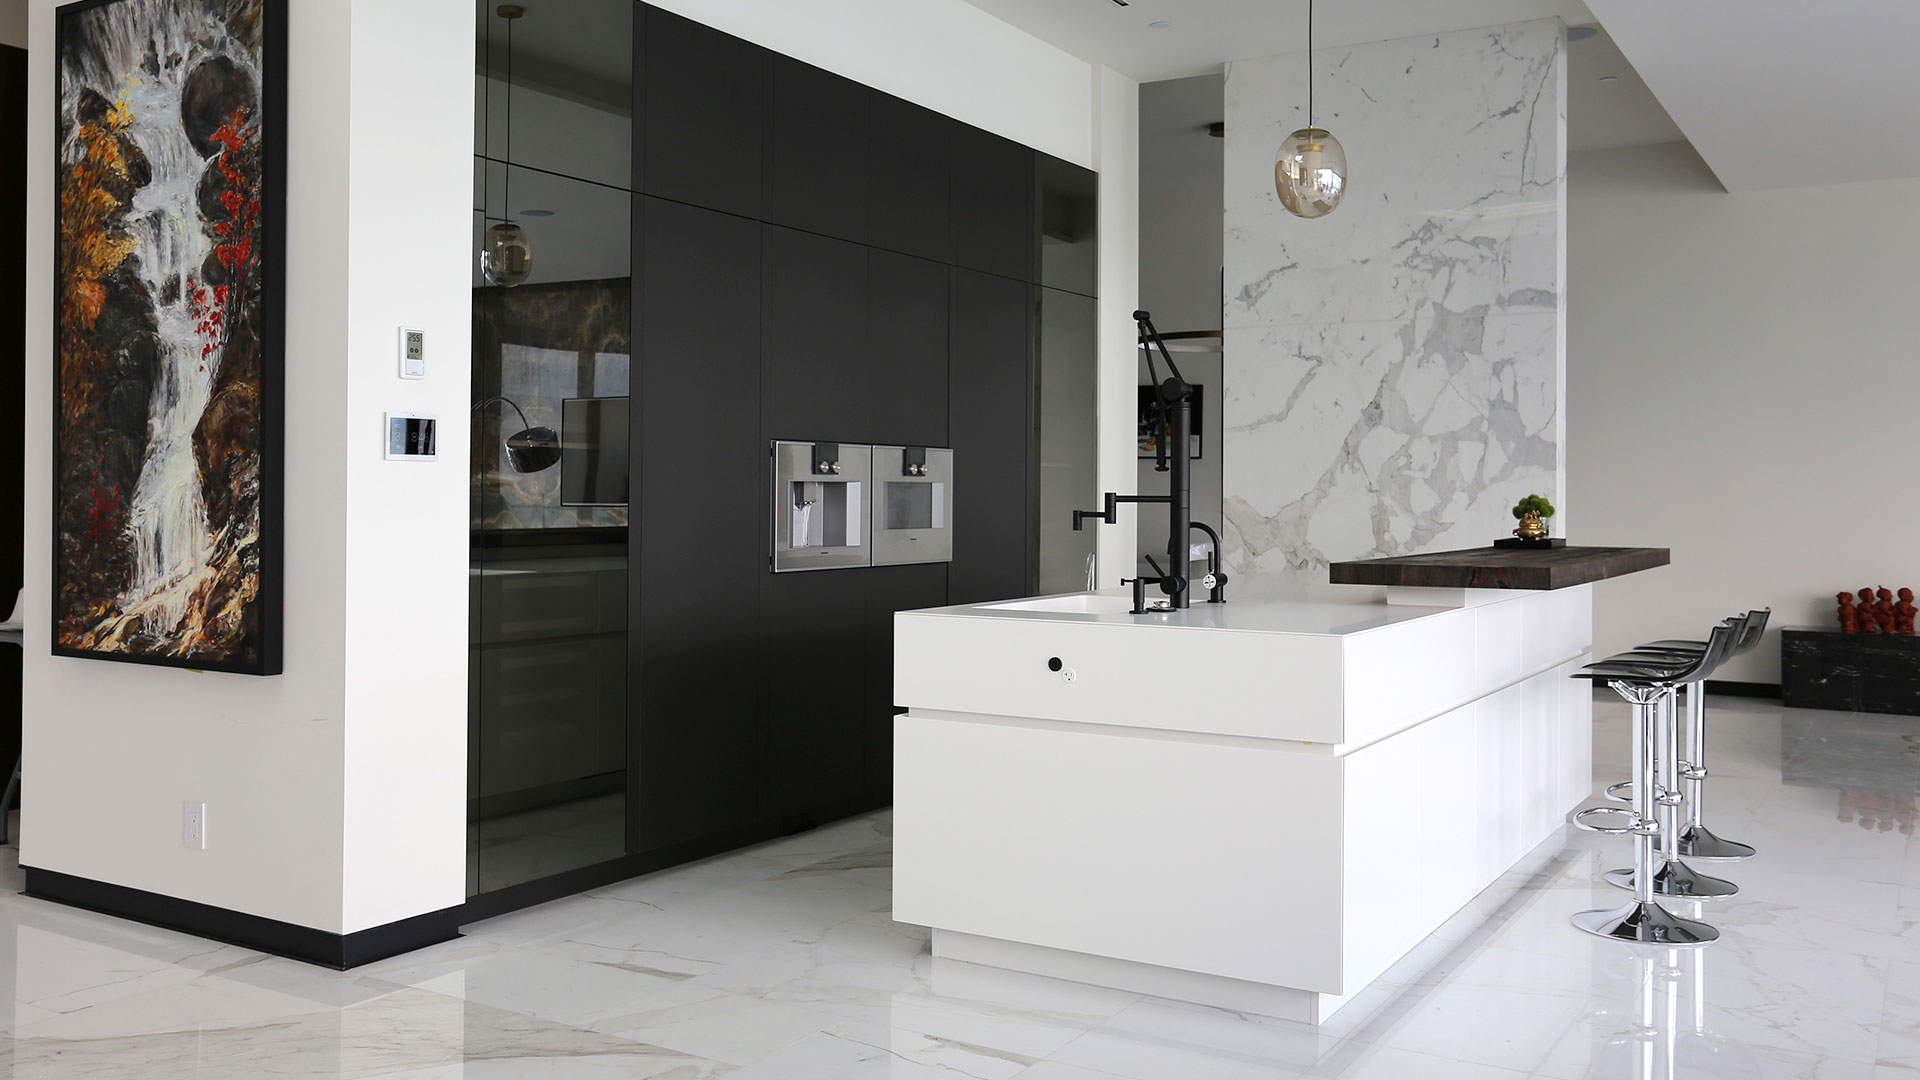 Cucina con isola laccata e lato colonne realizzata da TM Italia a Vancouver - 20190904_TMitalia_realizzazione-002